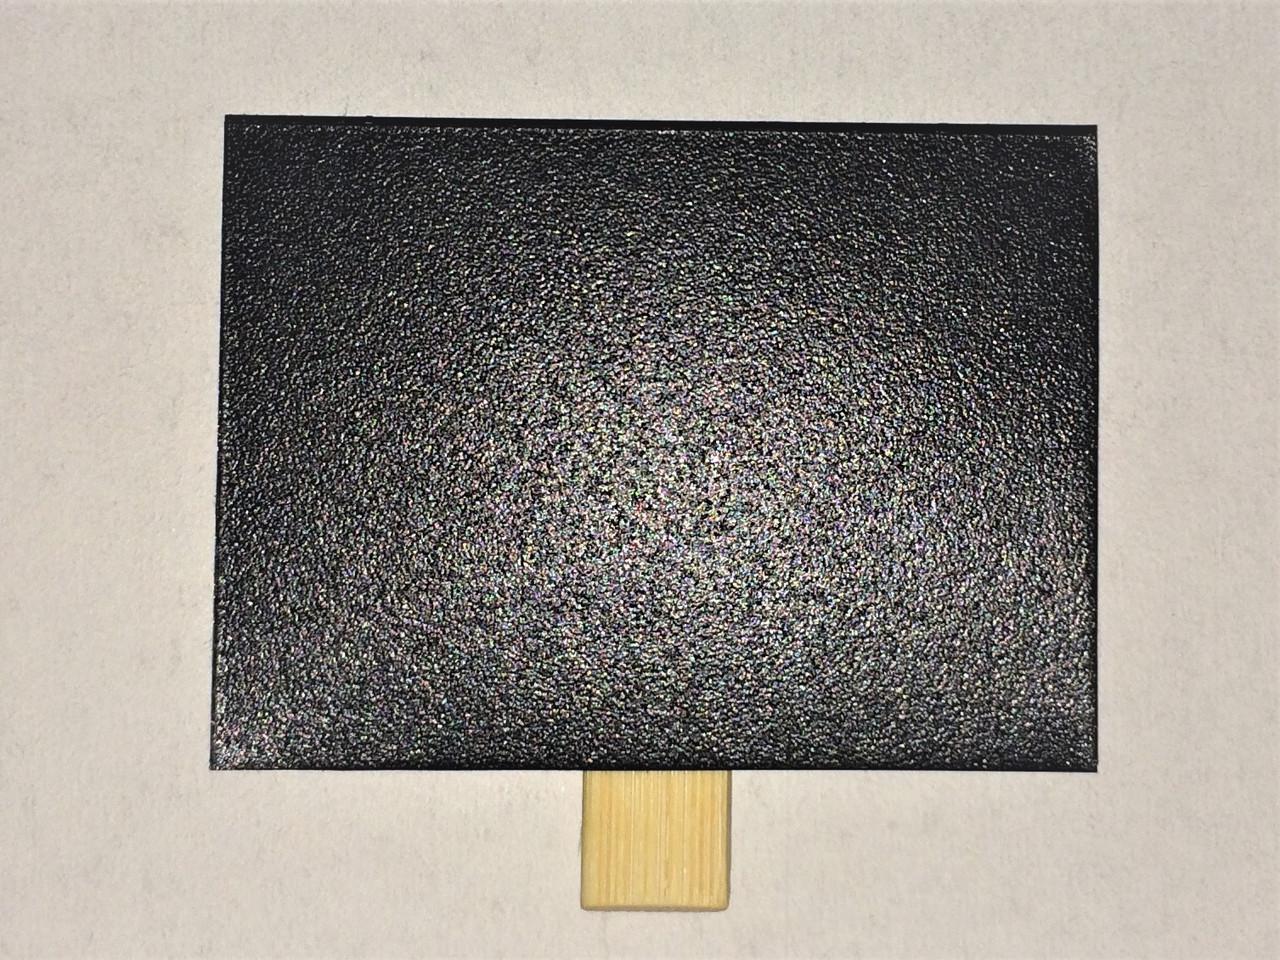 Ценник меловой 7х10 см на прищепке для мела и маркера. Грифельная табличка. Крейдовий цінник чорний